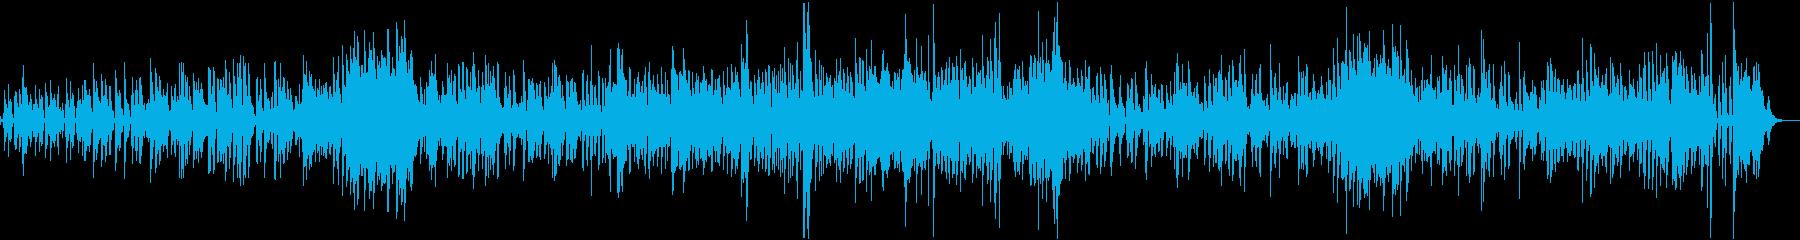 ジャズ お洒落 クール ハイテク ...の再生済みの波形